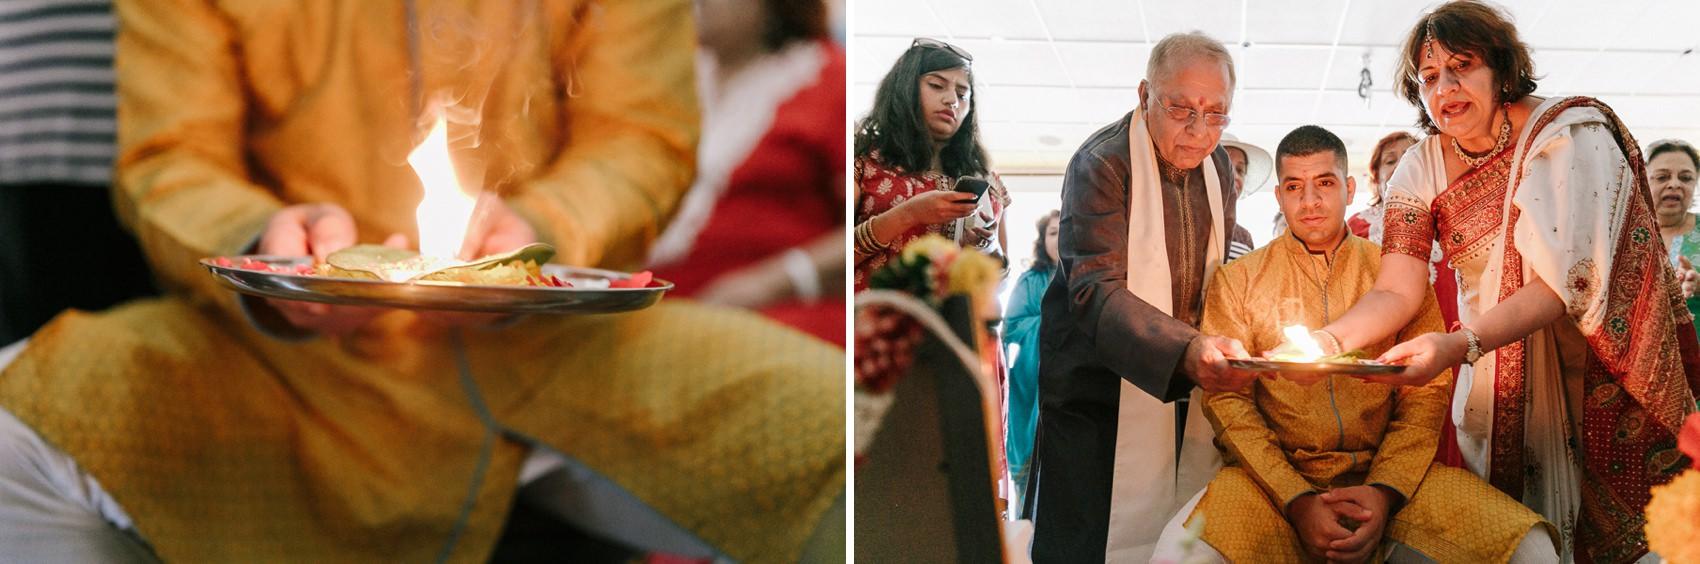 Indian-Wedding-Photography-Maala-Rohan_0100